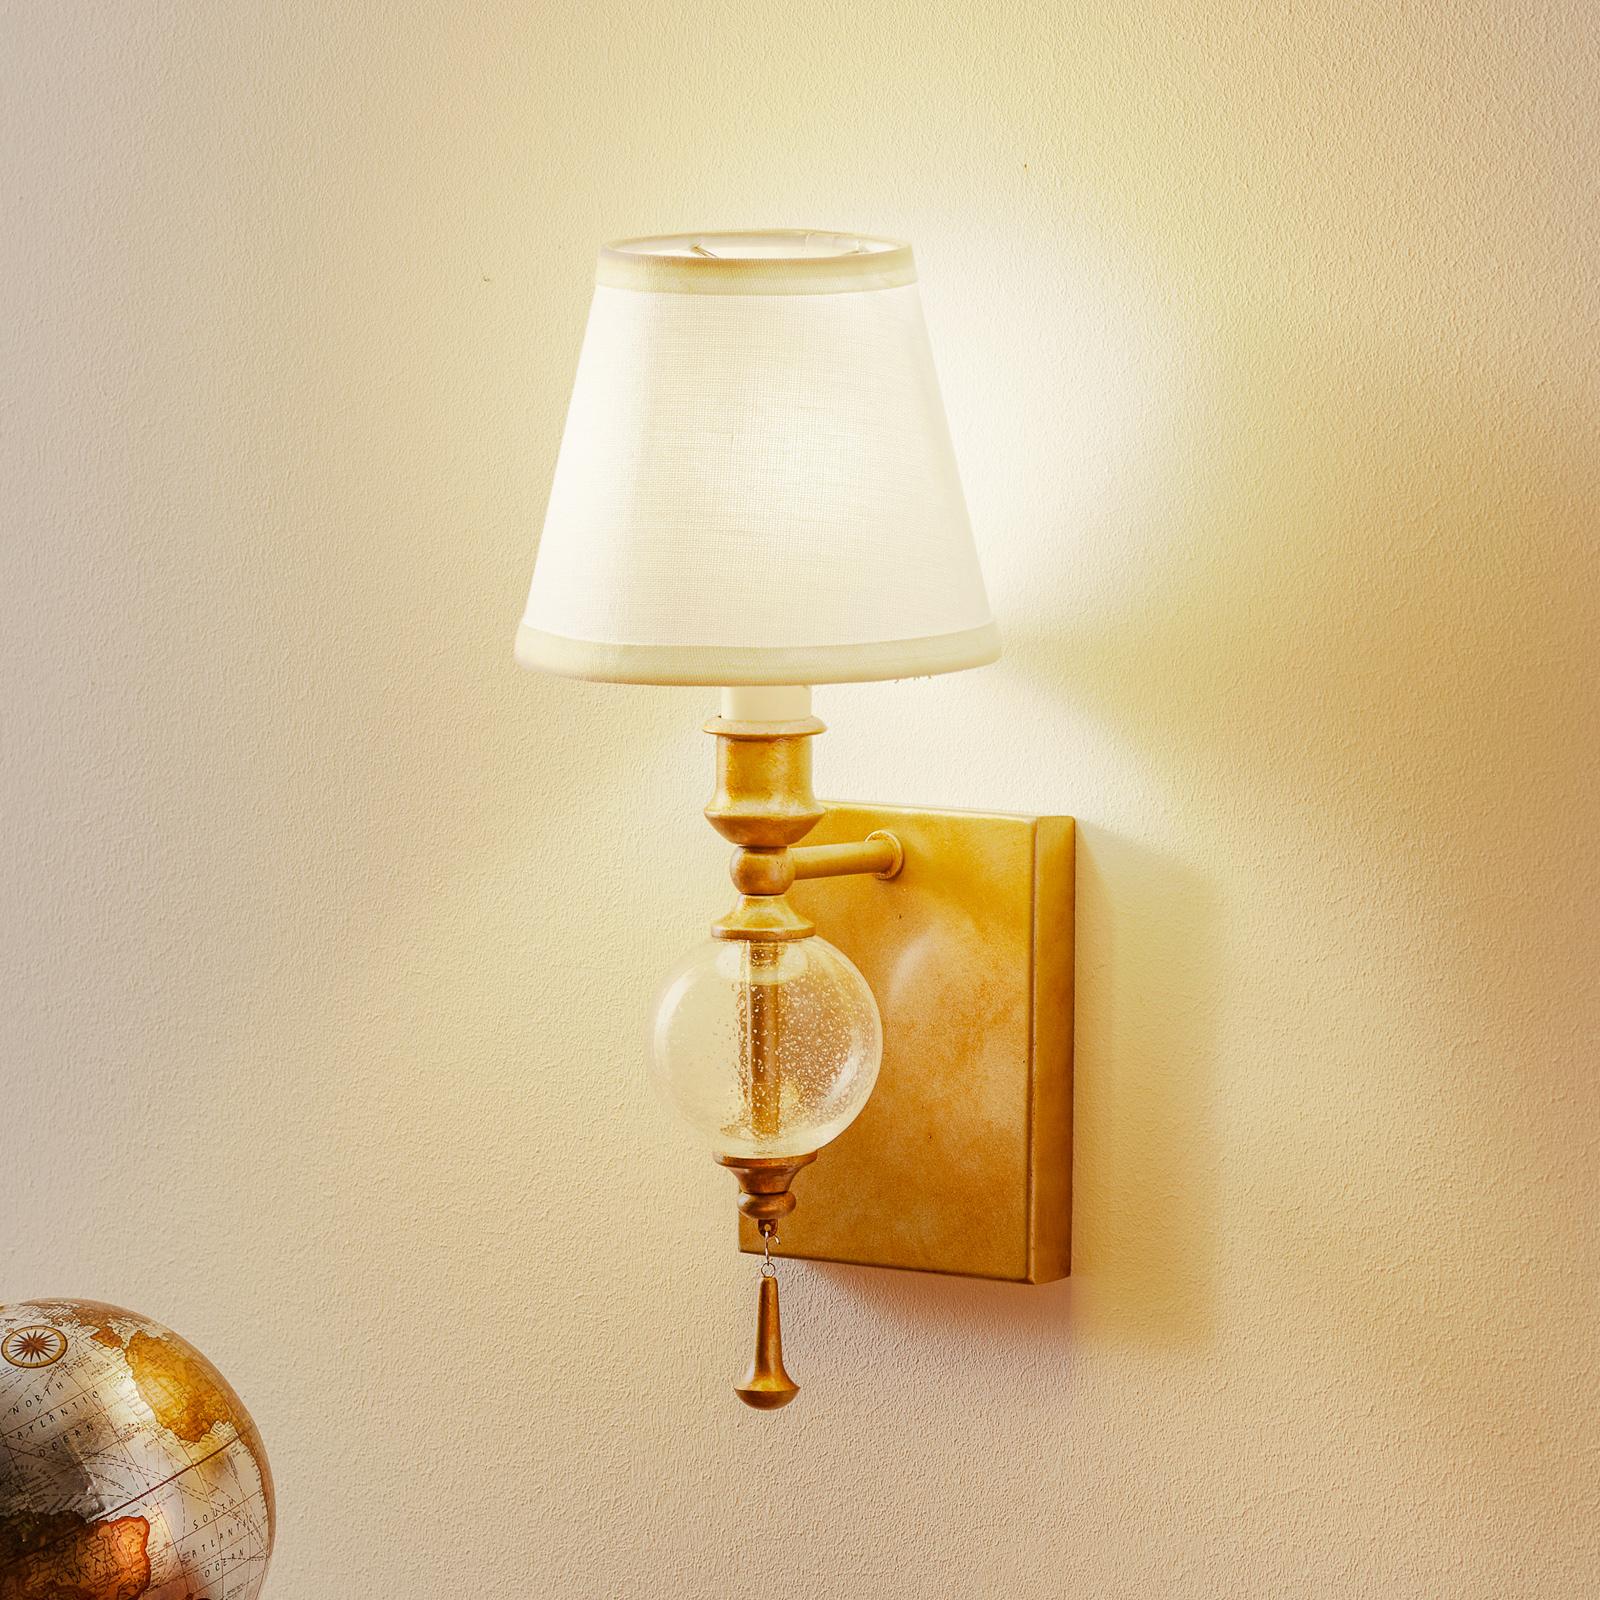 Argento - vägglampa för vackert ljus